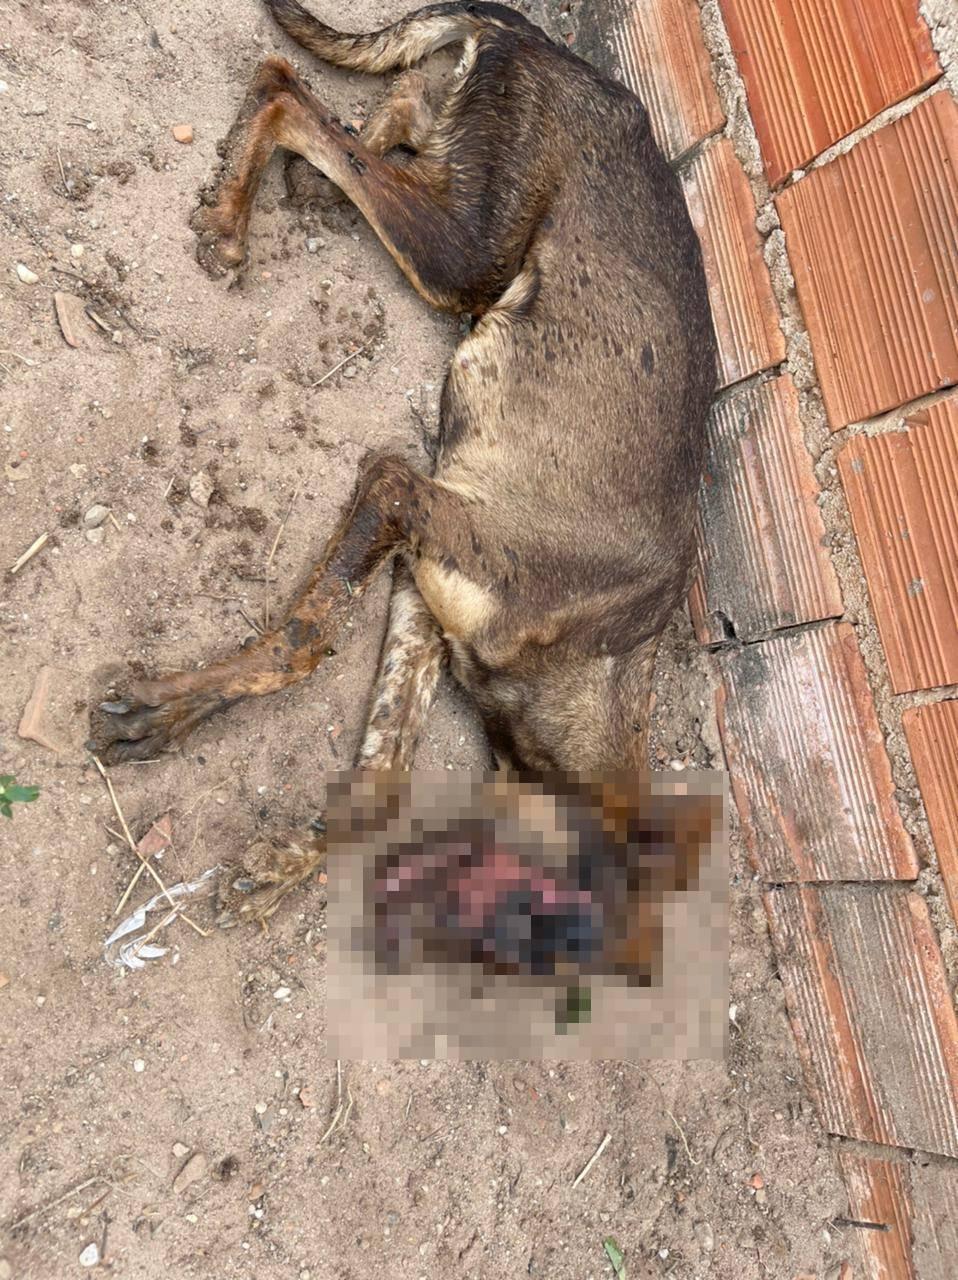 Cadela foi internado em uma clínina na zona Leste de Teresina (Foto: Divulgação)